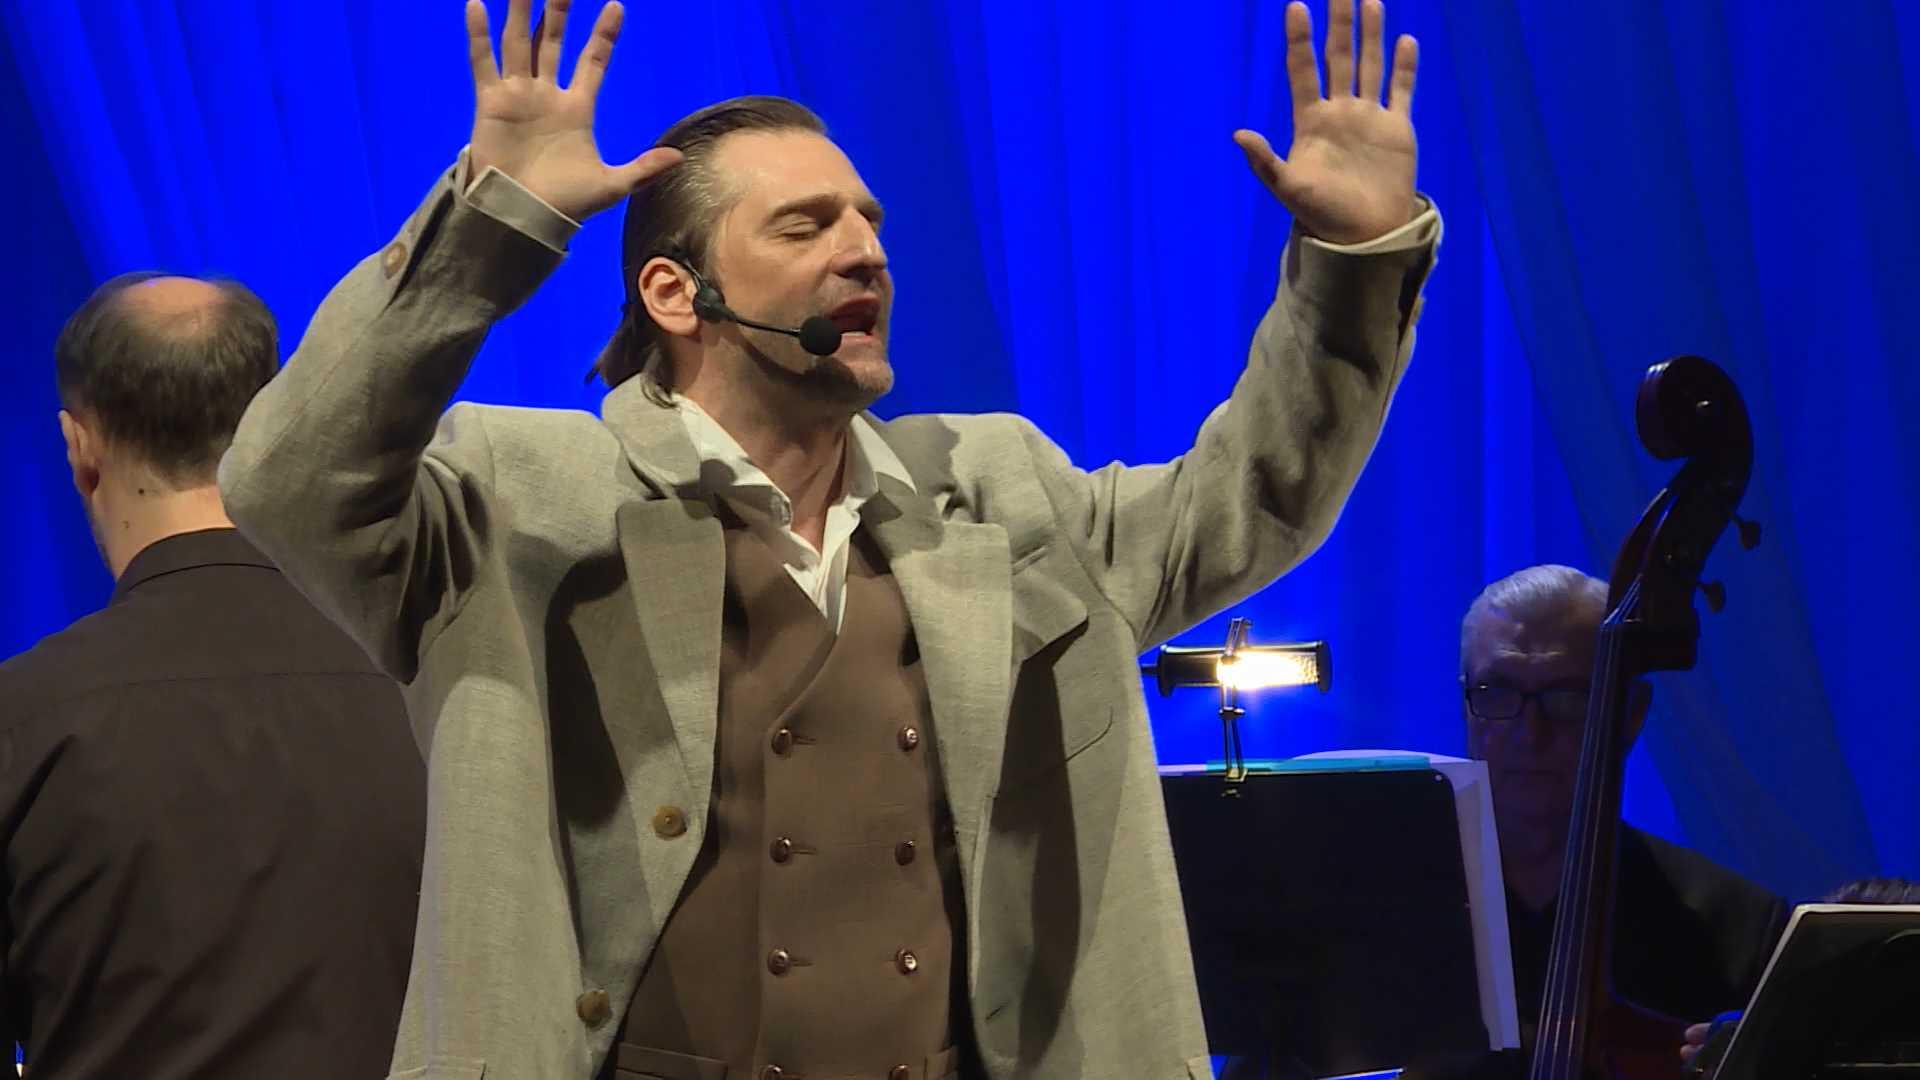 Костромичам в Филармонии представили «Шестое чувство»